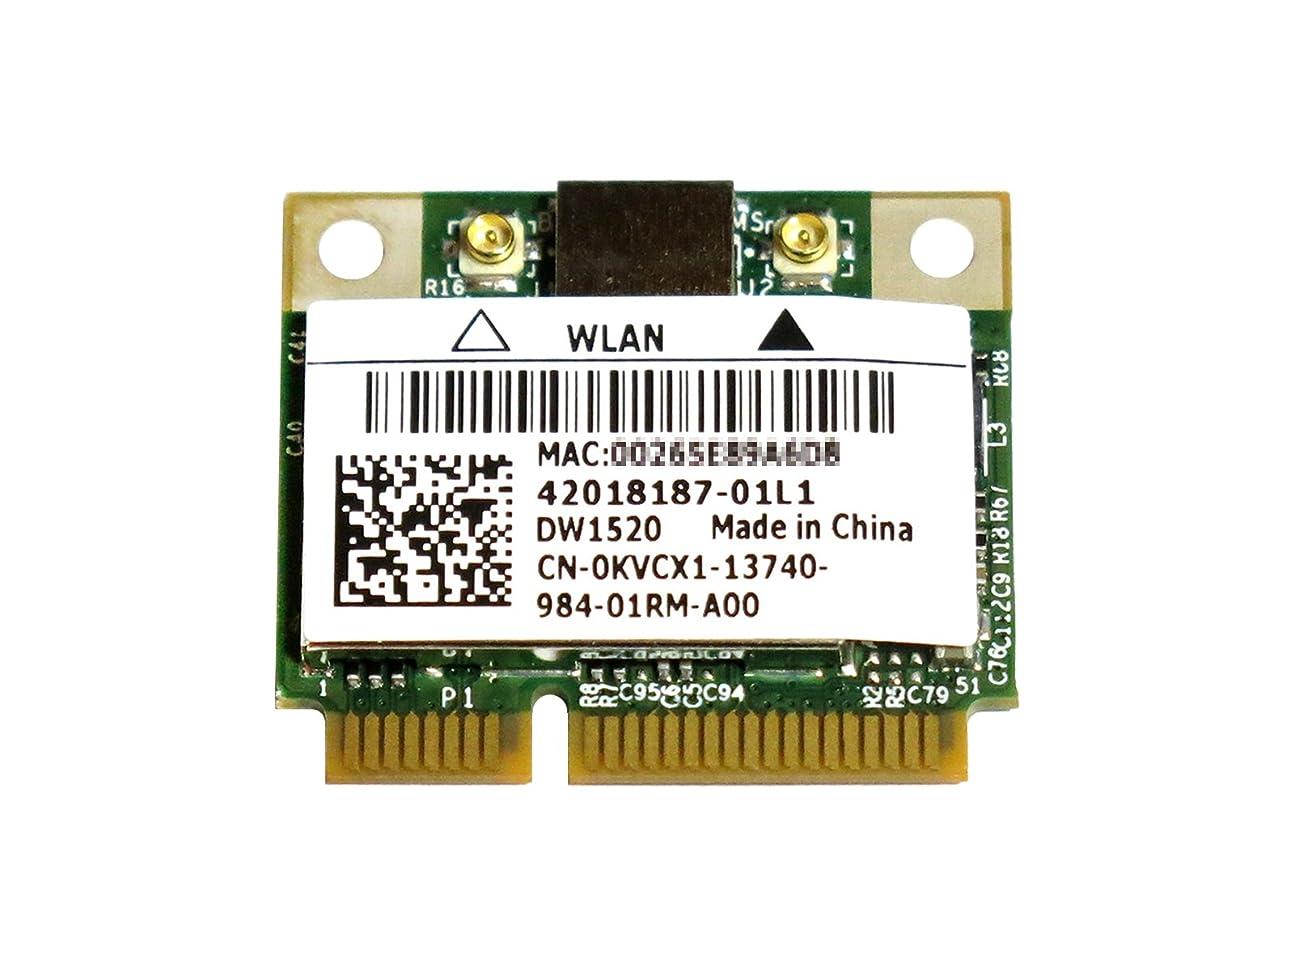 速記嫌がるネコDell Wireless WLAN 1520 DW1520 内蔵ワイヤレスLAN Half-Miniカード (300Mbps 802.11a/b/g/n対応) BCM943224HMS/BCM43224